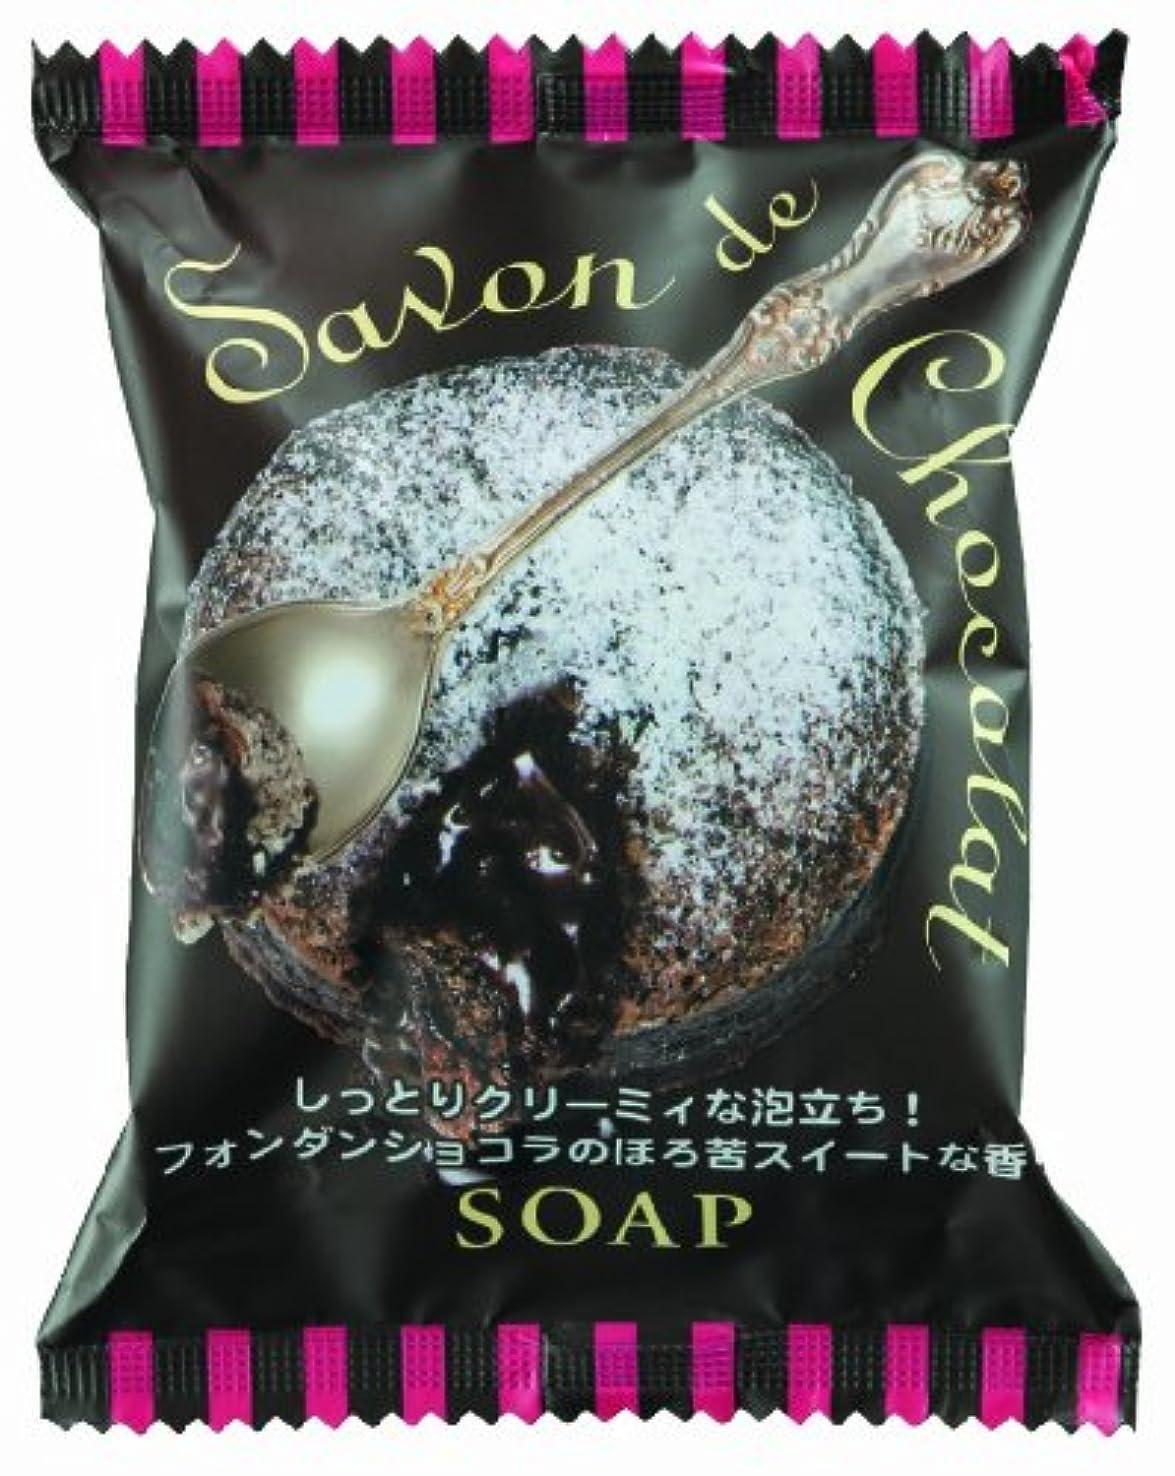 否認する調和偶然のペリカン石鹸 サボンドショコラソープ 80g